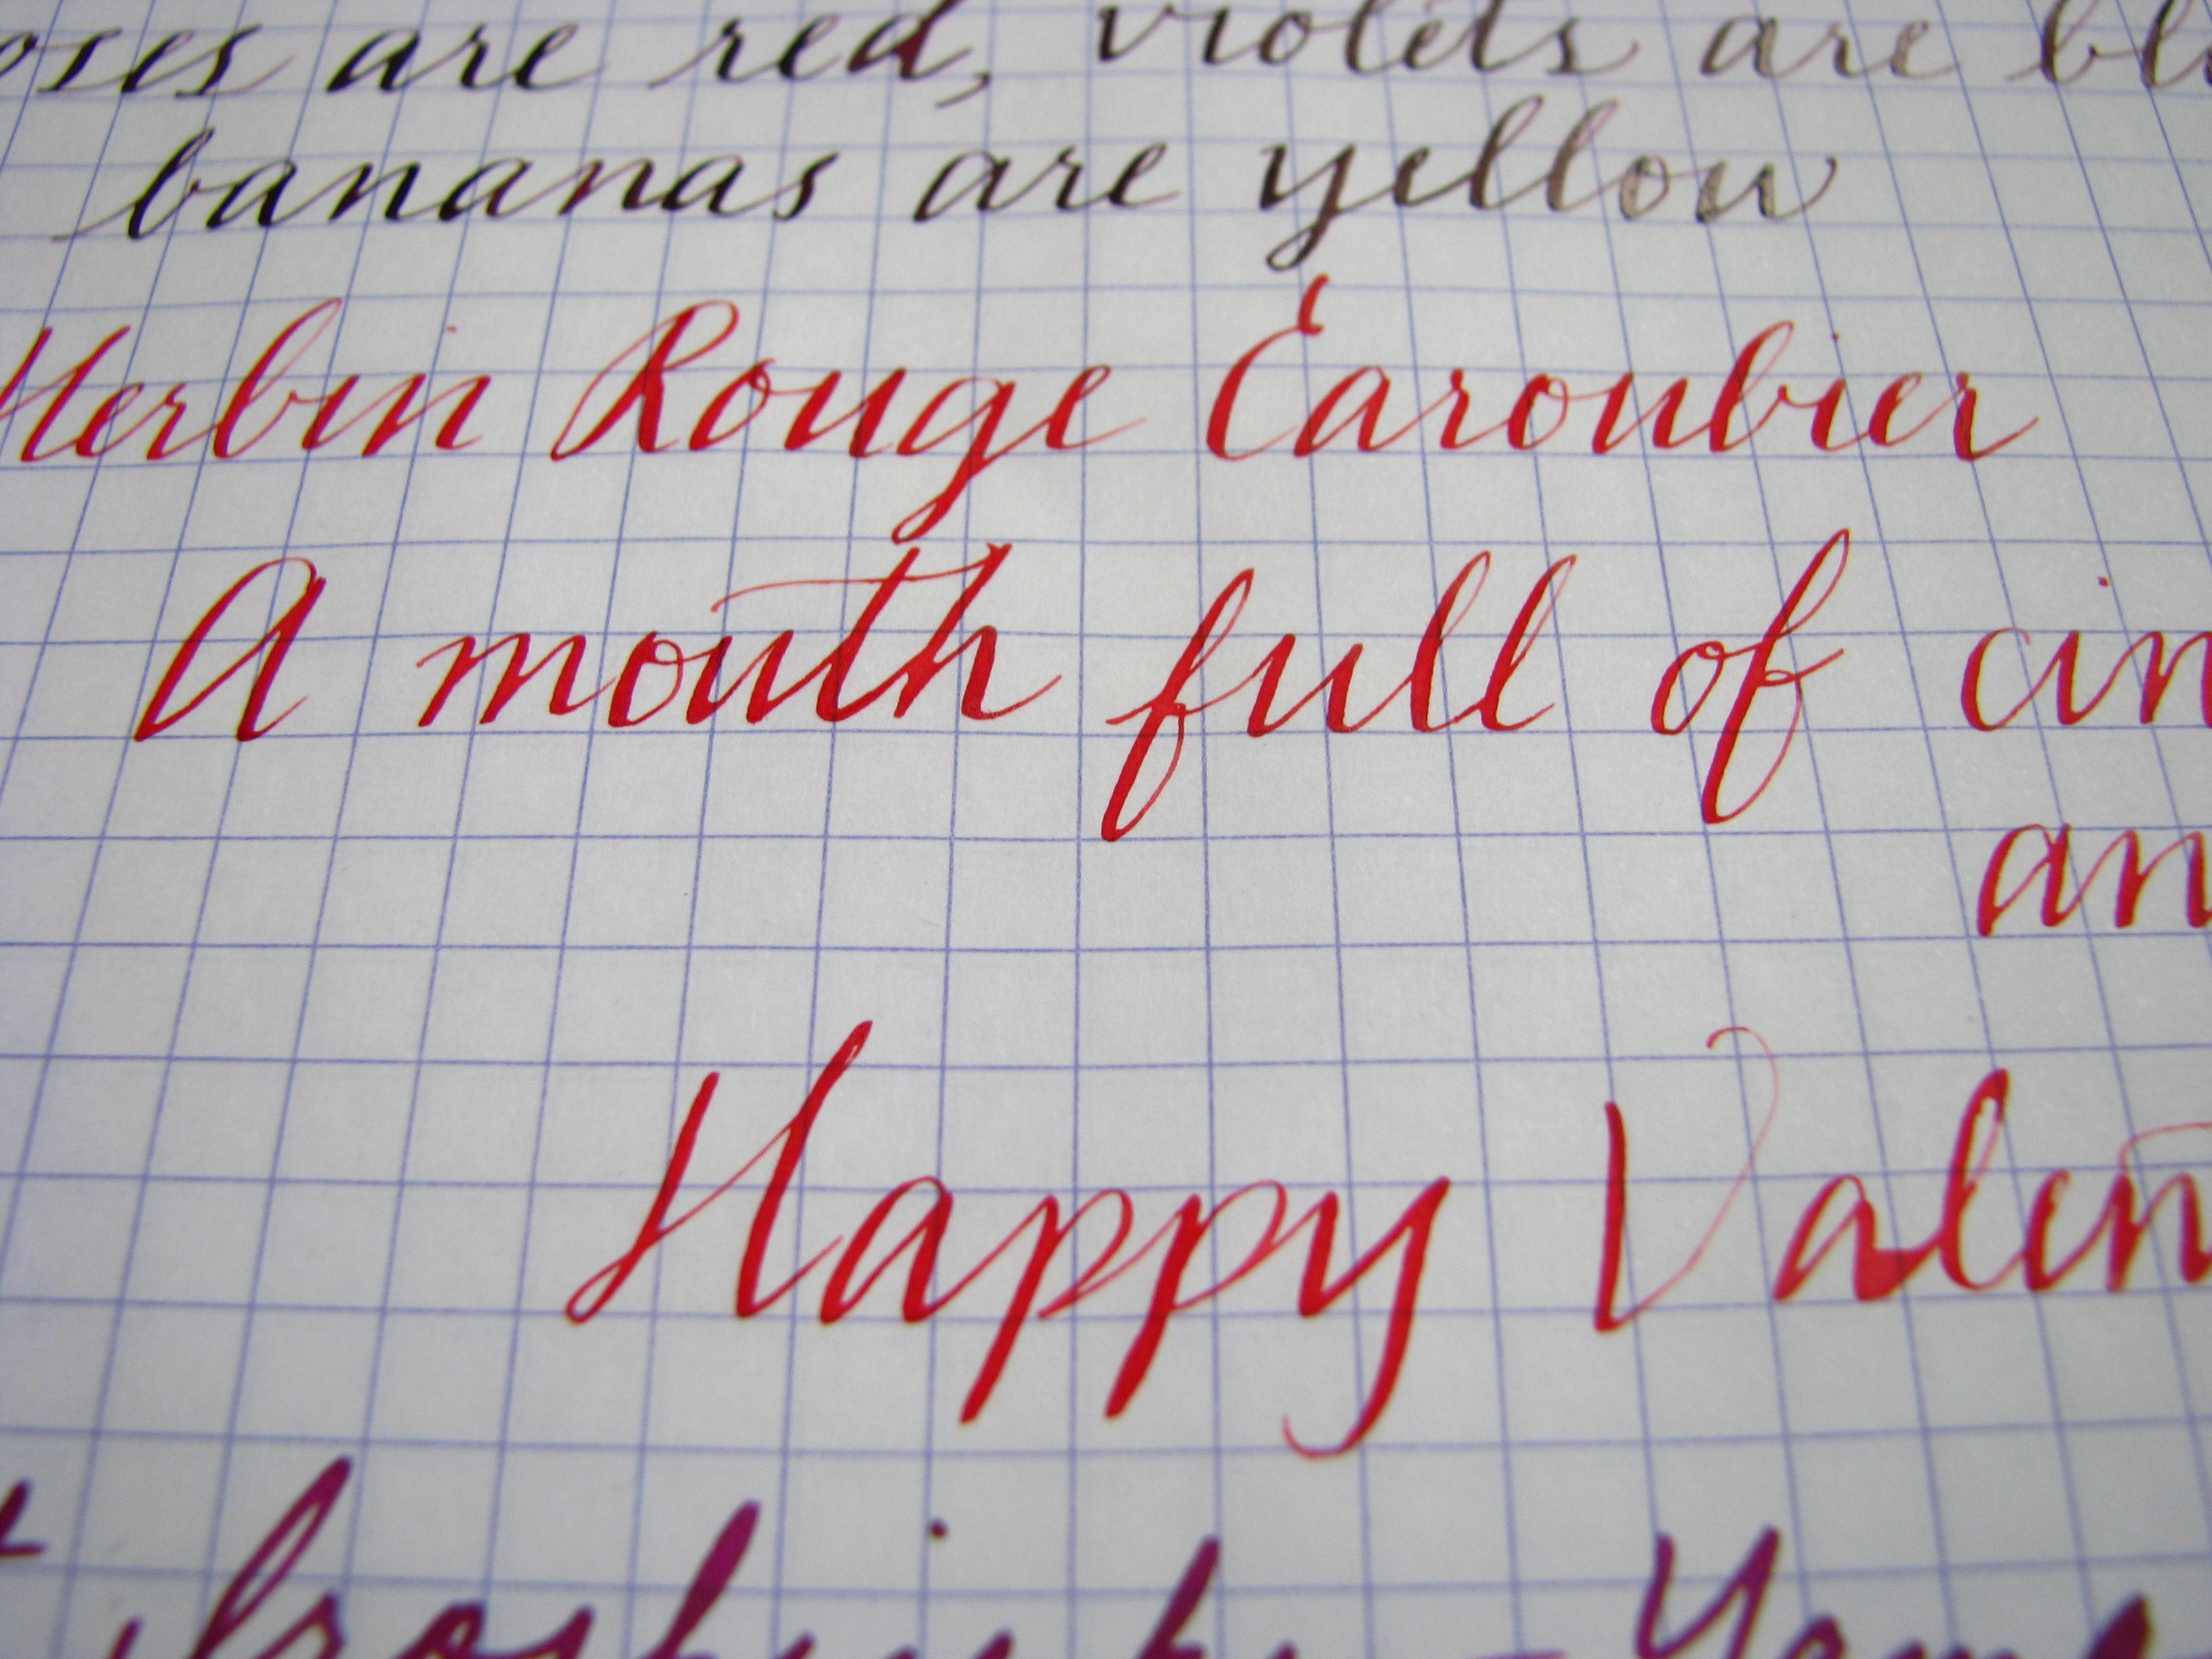 J. Herbin Rouge Caroubier Writing Sample at www.wonderpens.ca